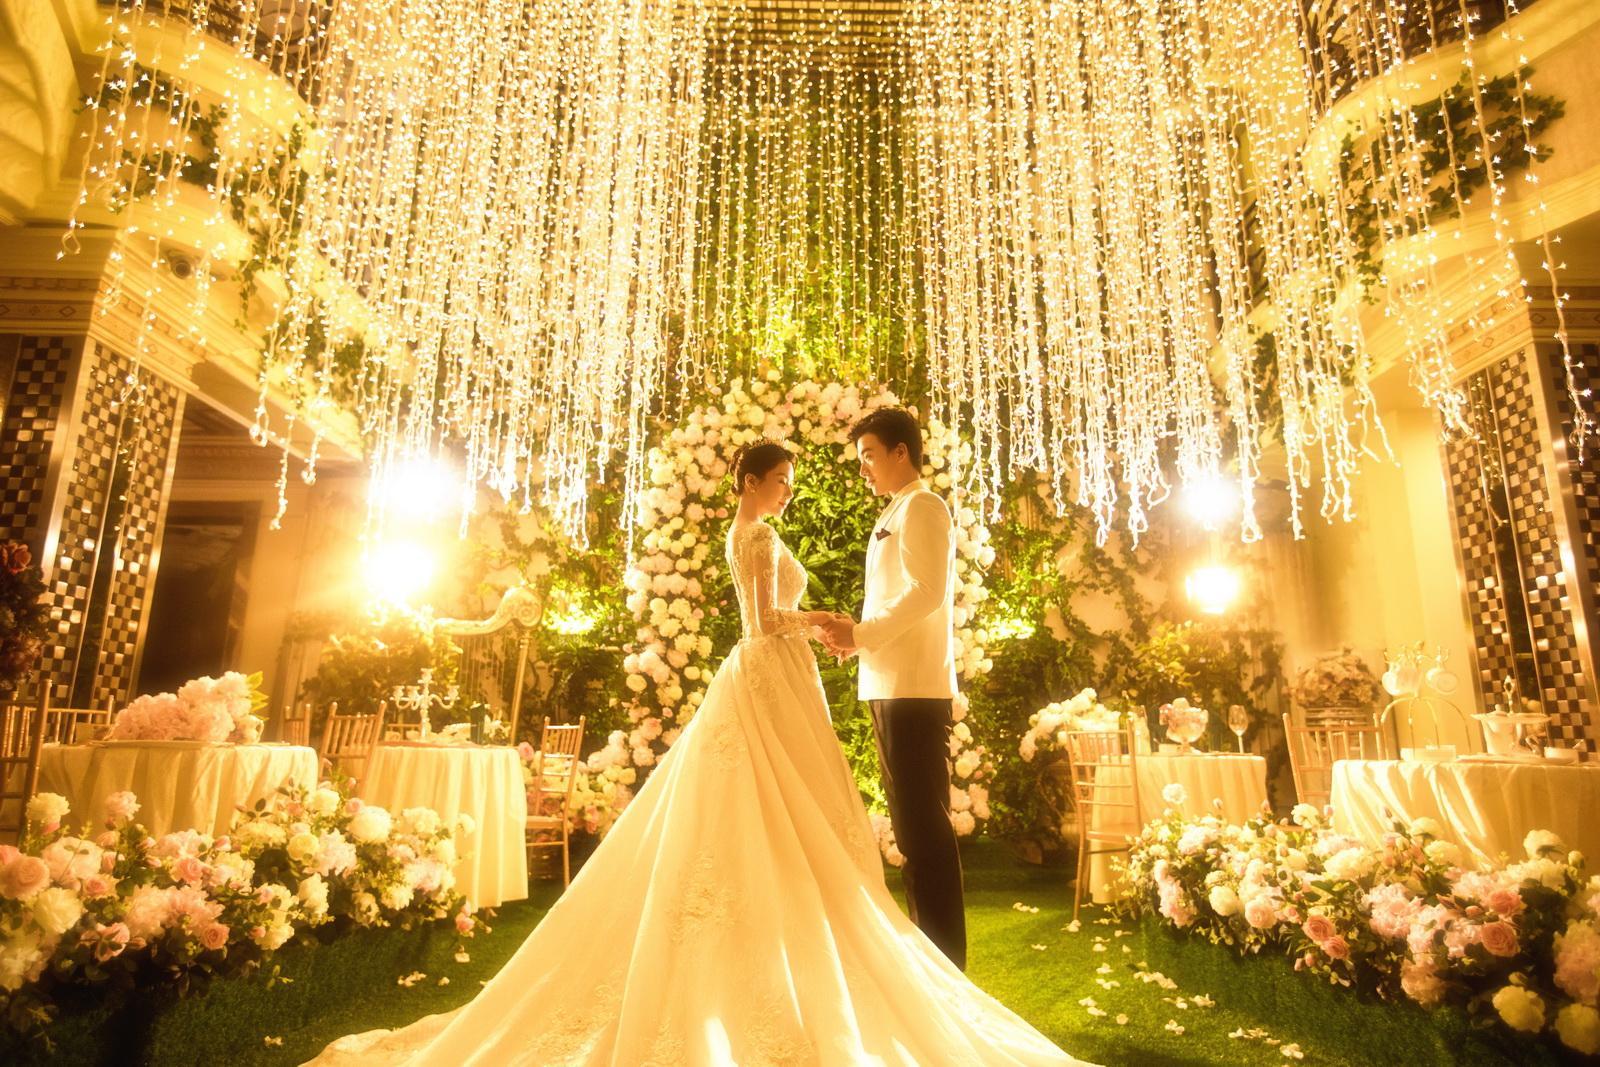 婚纱照什么时候拍最适合 婚纱照什么时候拍合适